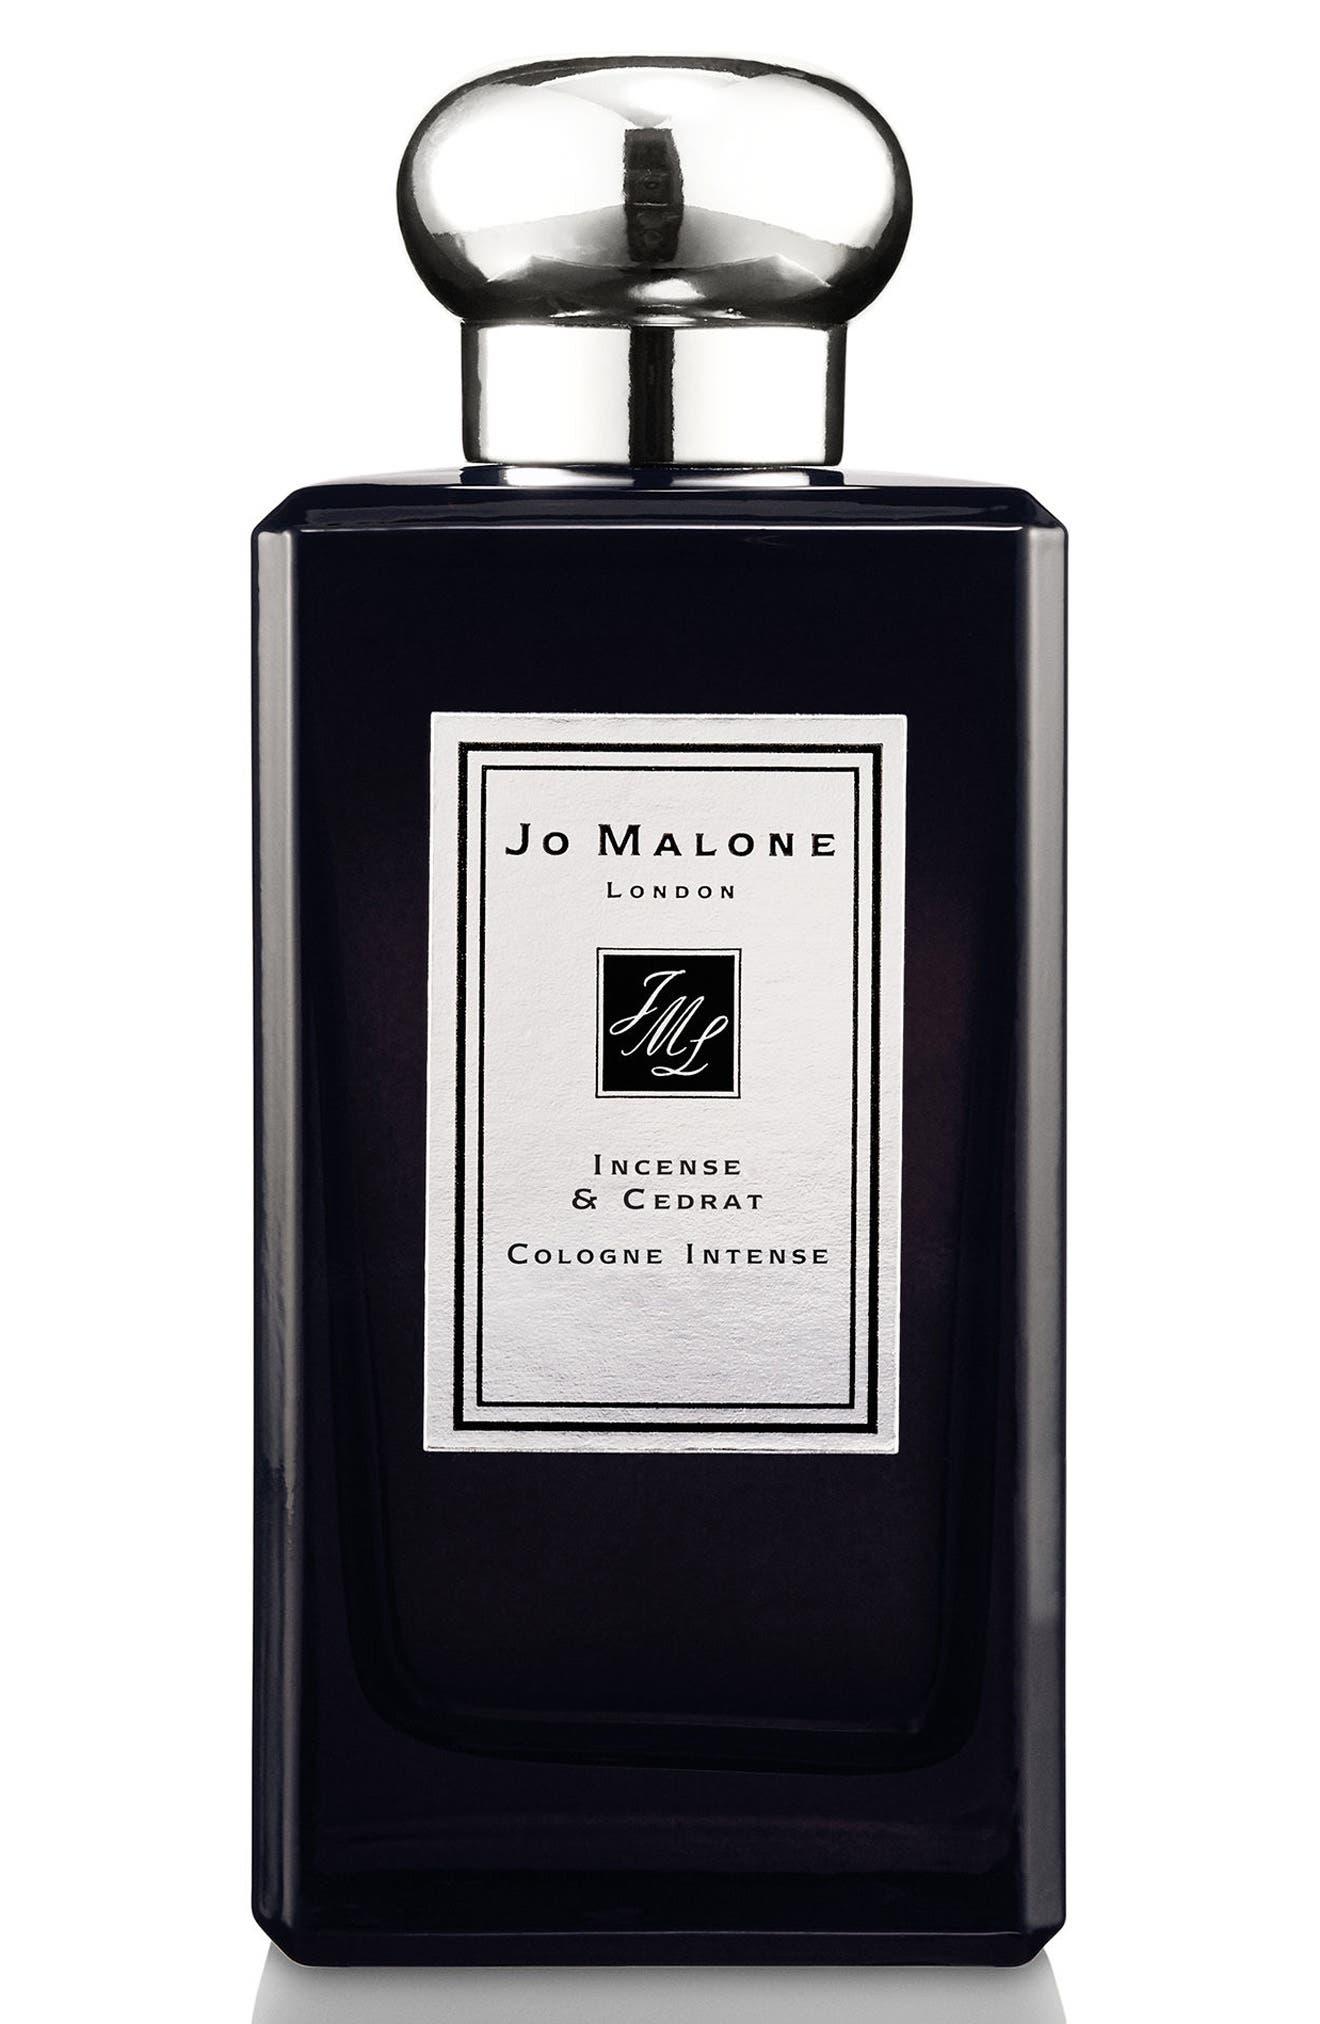 Jo Malone London™ Incense & Cedrat Cologne